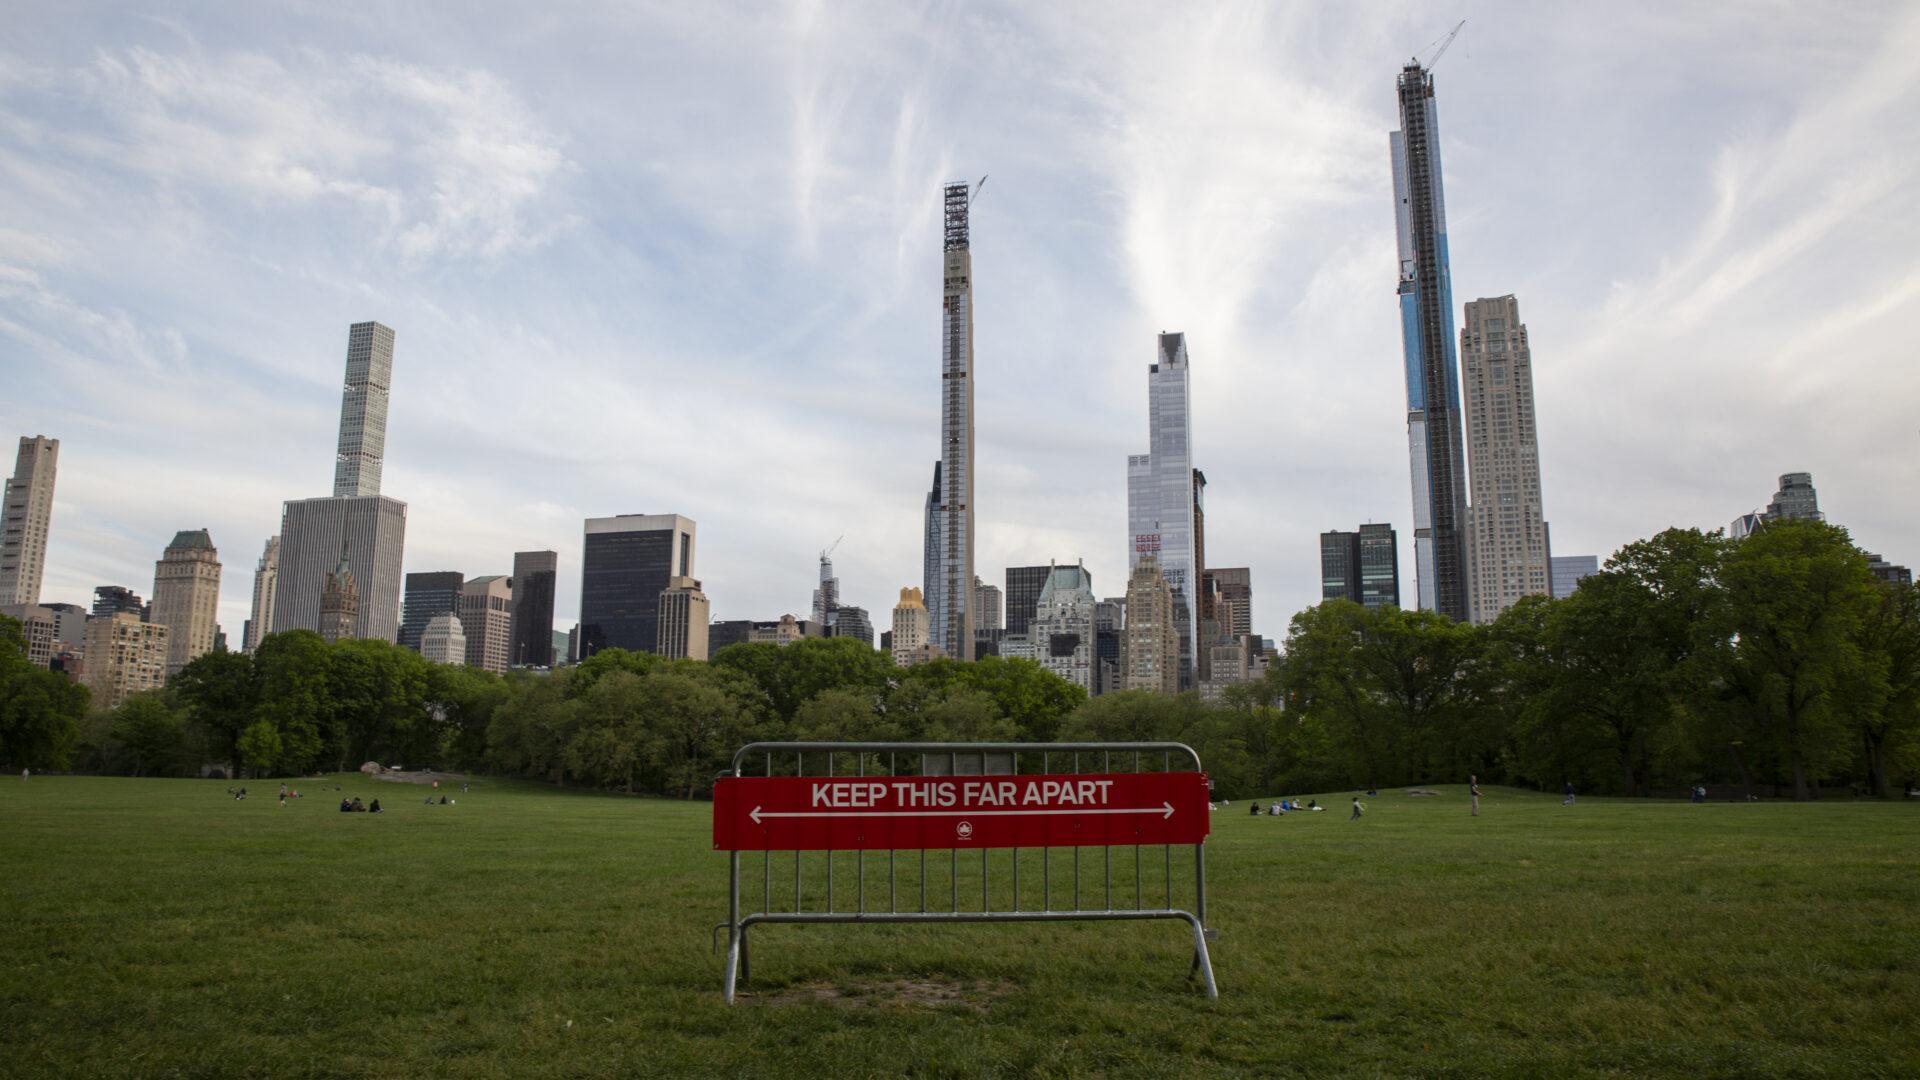 """Keskuspuisto Manhattanilla, New Yorkissa. Nurmella kyltti, jossa teksti: """"Keep this far apart"""". Taustalla pilvenpiirtäjiä."""